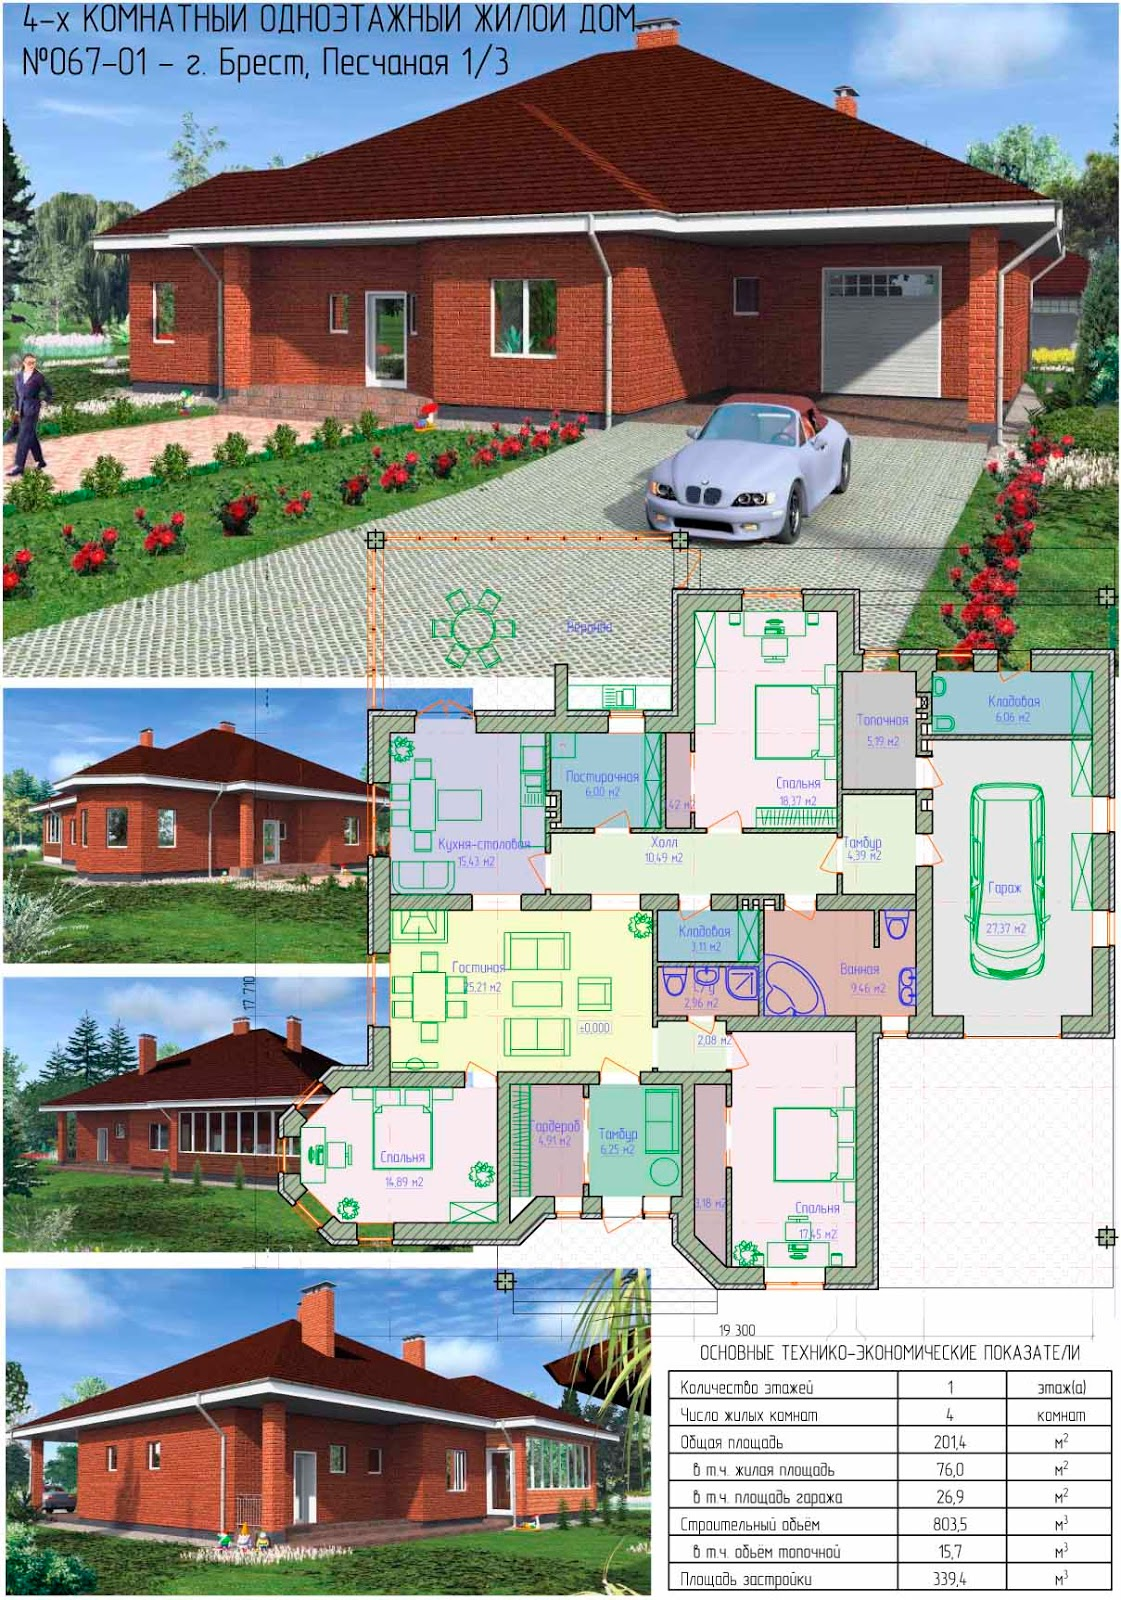 Дачный дом 6 на 4 с мансардой, проект дешёвый дома, цена